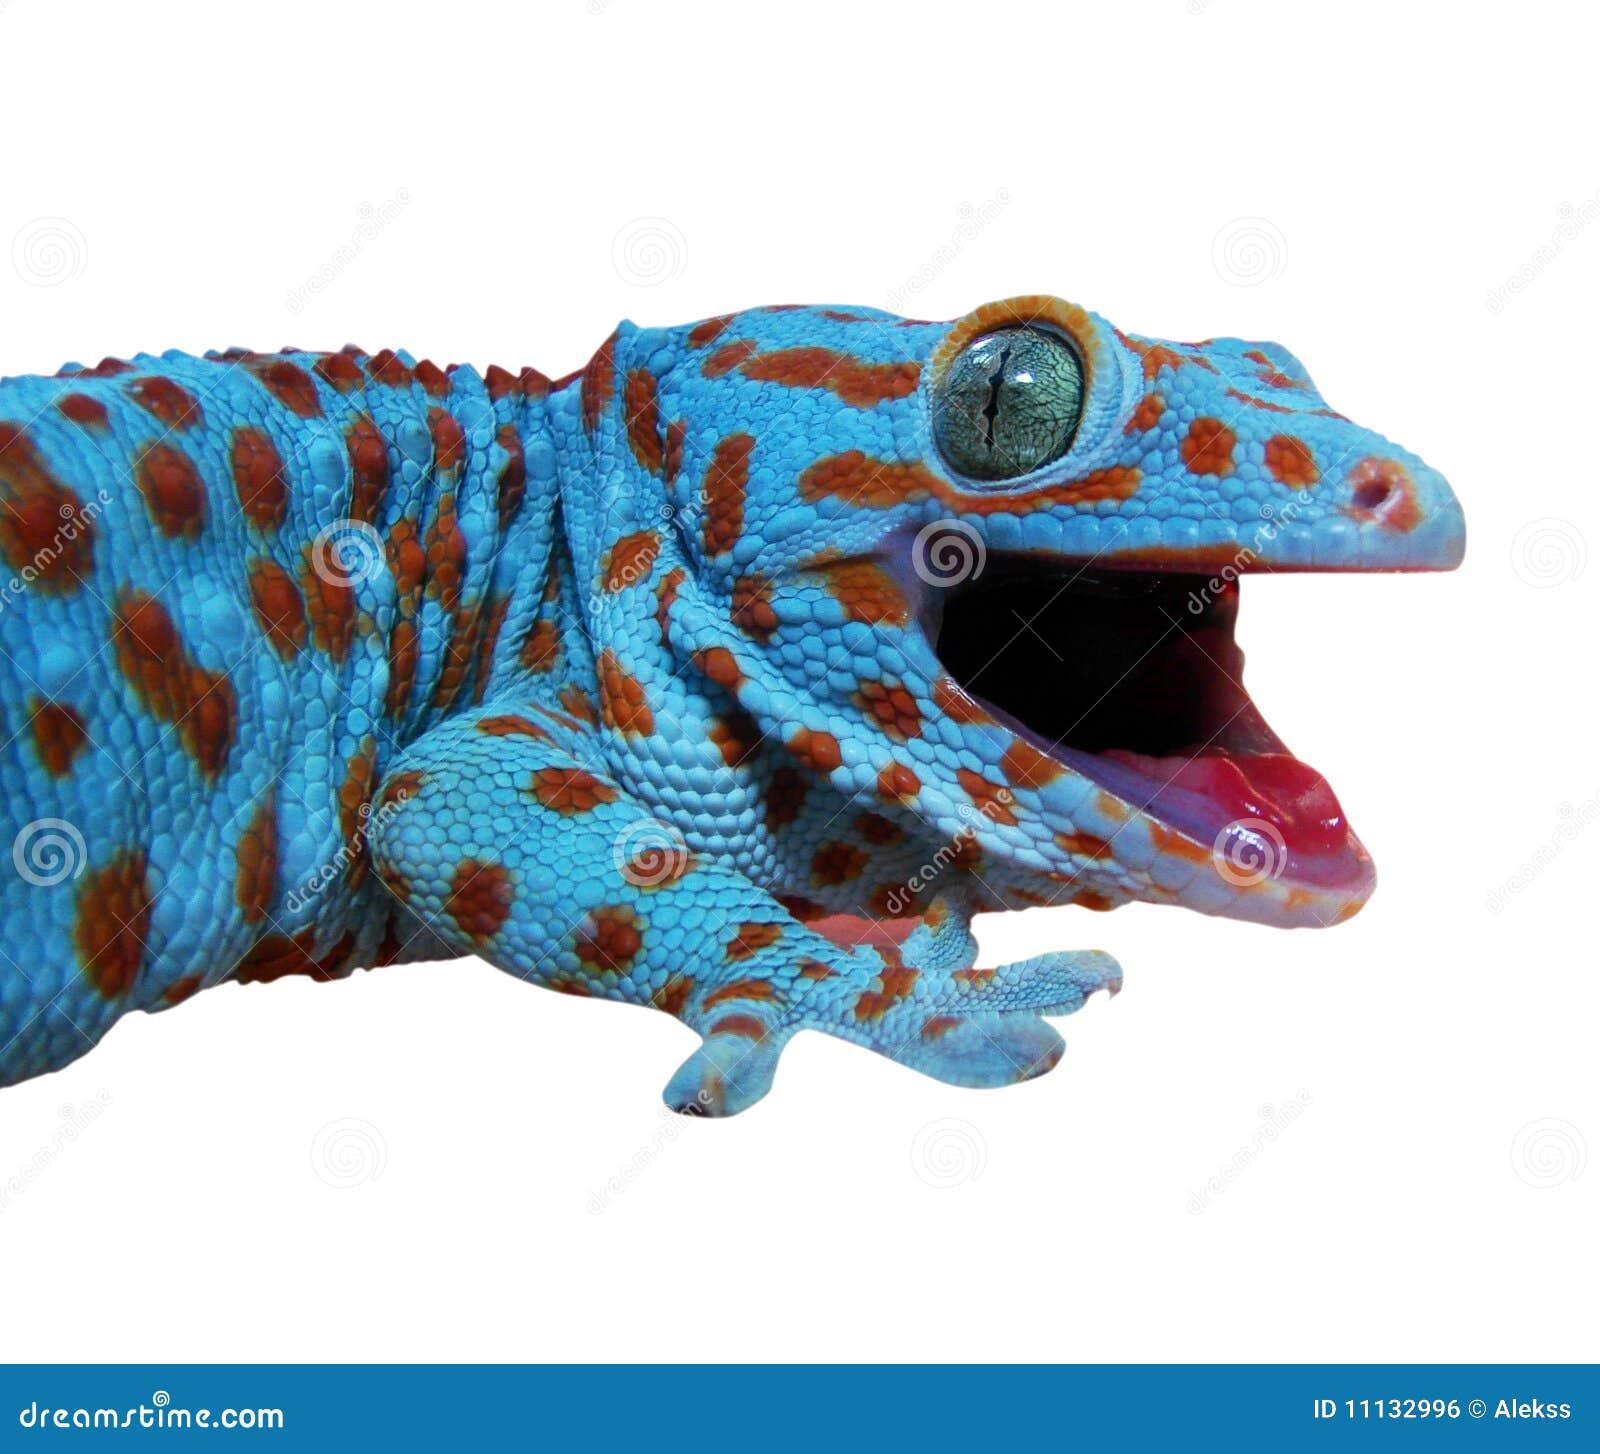 [Image: gecko-lizard-11132996.jpg]